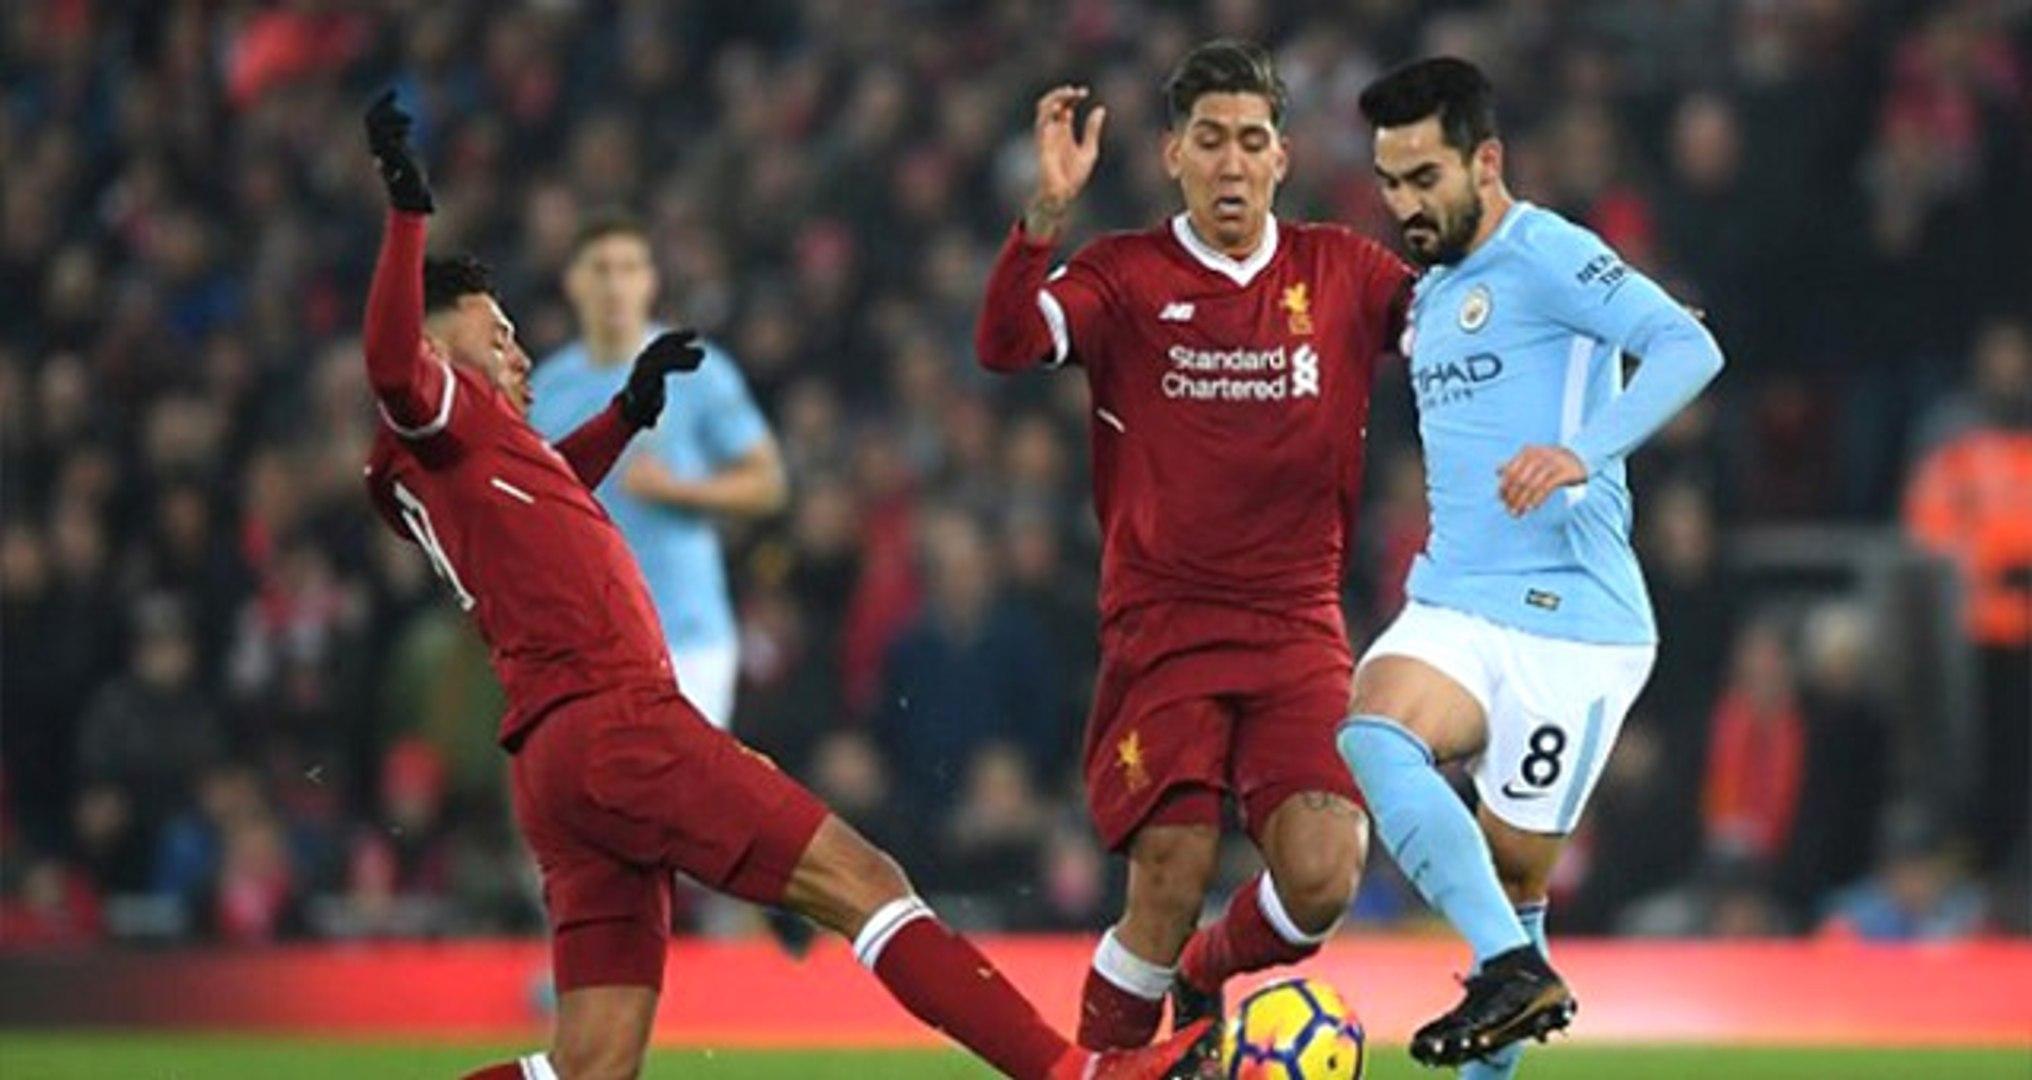 Liverpool Nefes Kesen Maçta Manchester City'i 4-3 Mağlup Etti